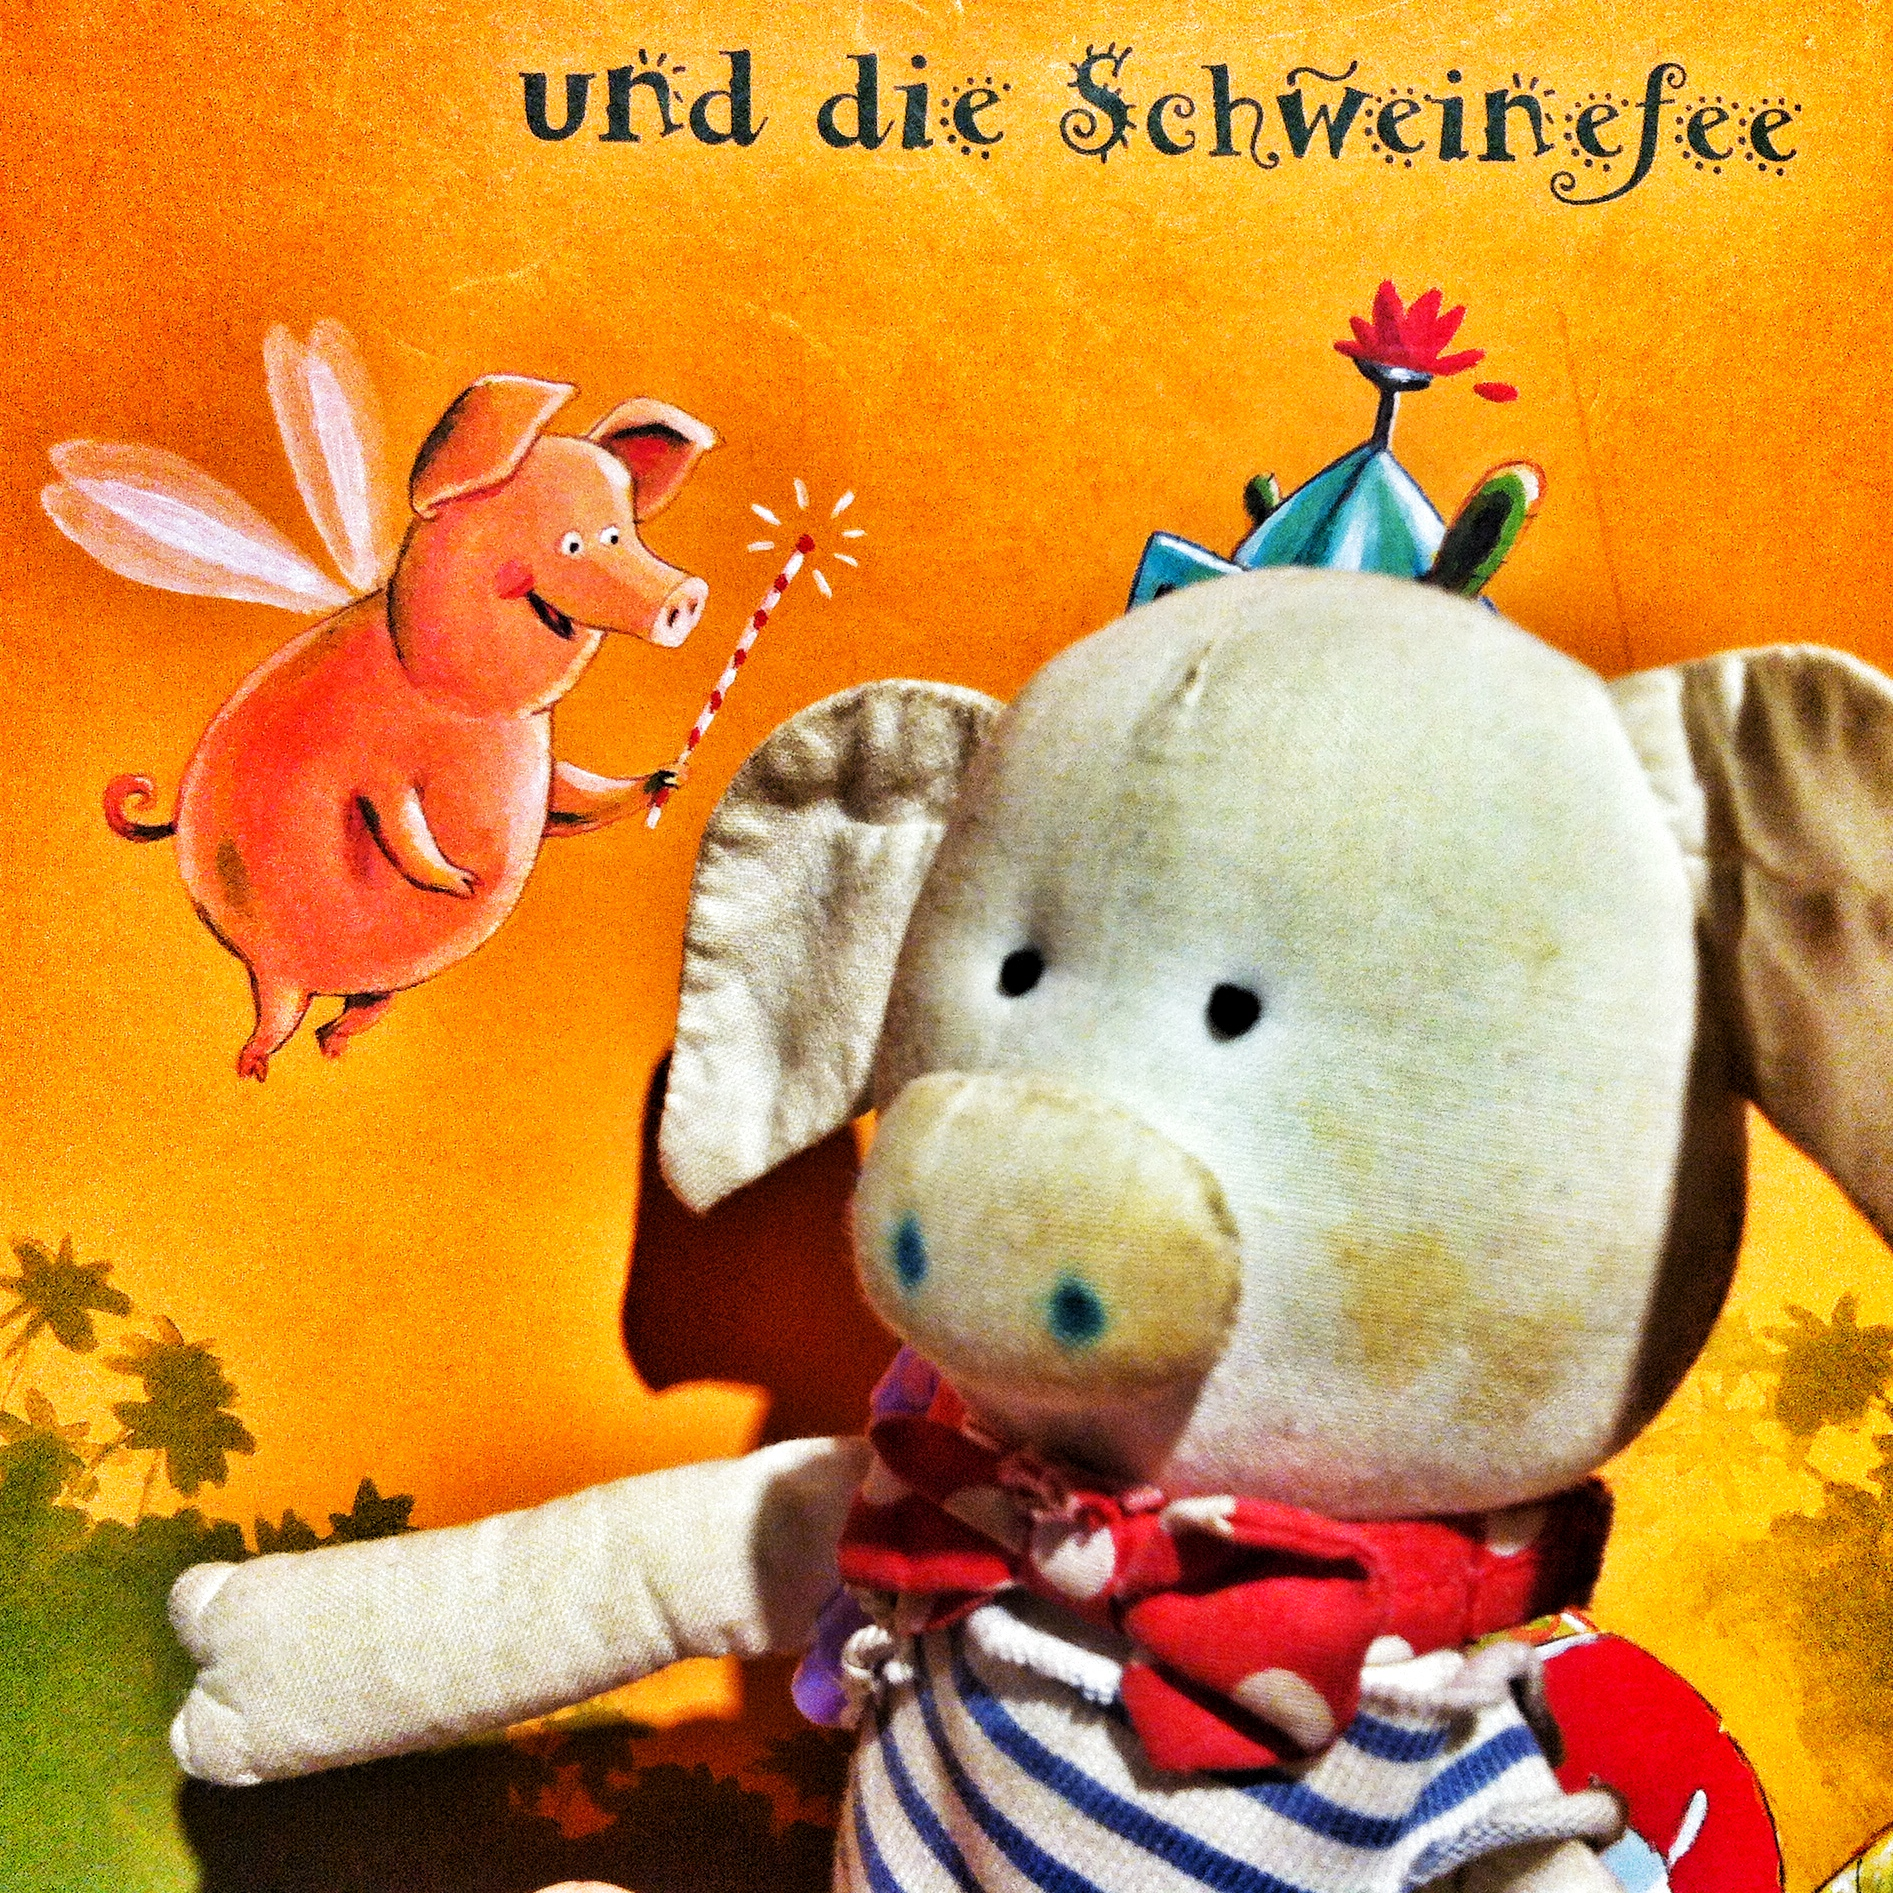 Schweinchen und die Schweinefee